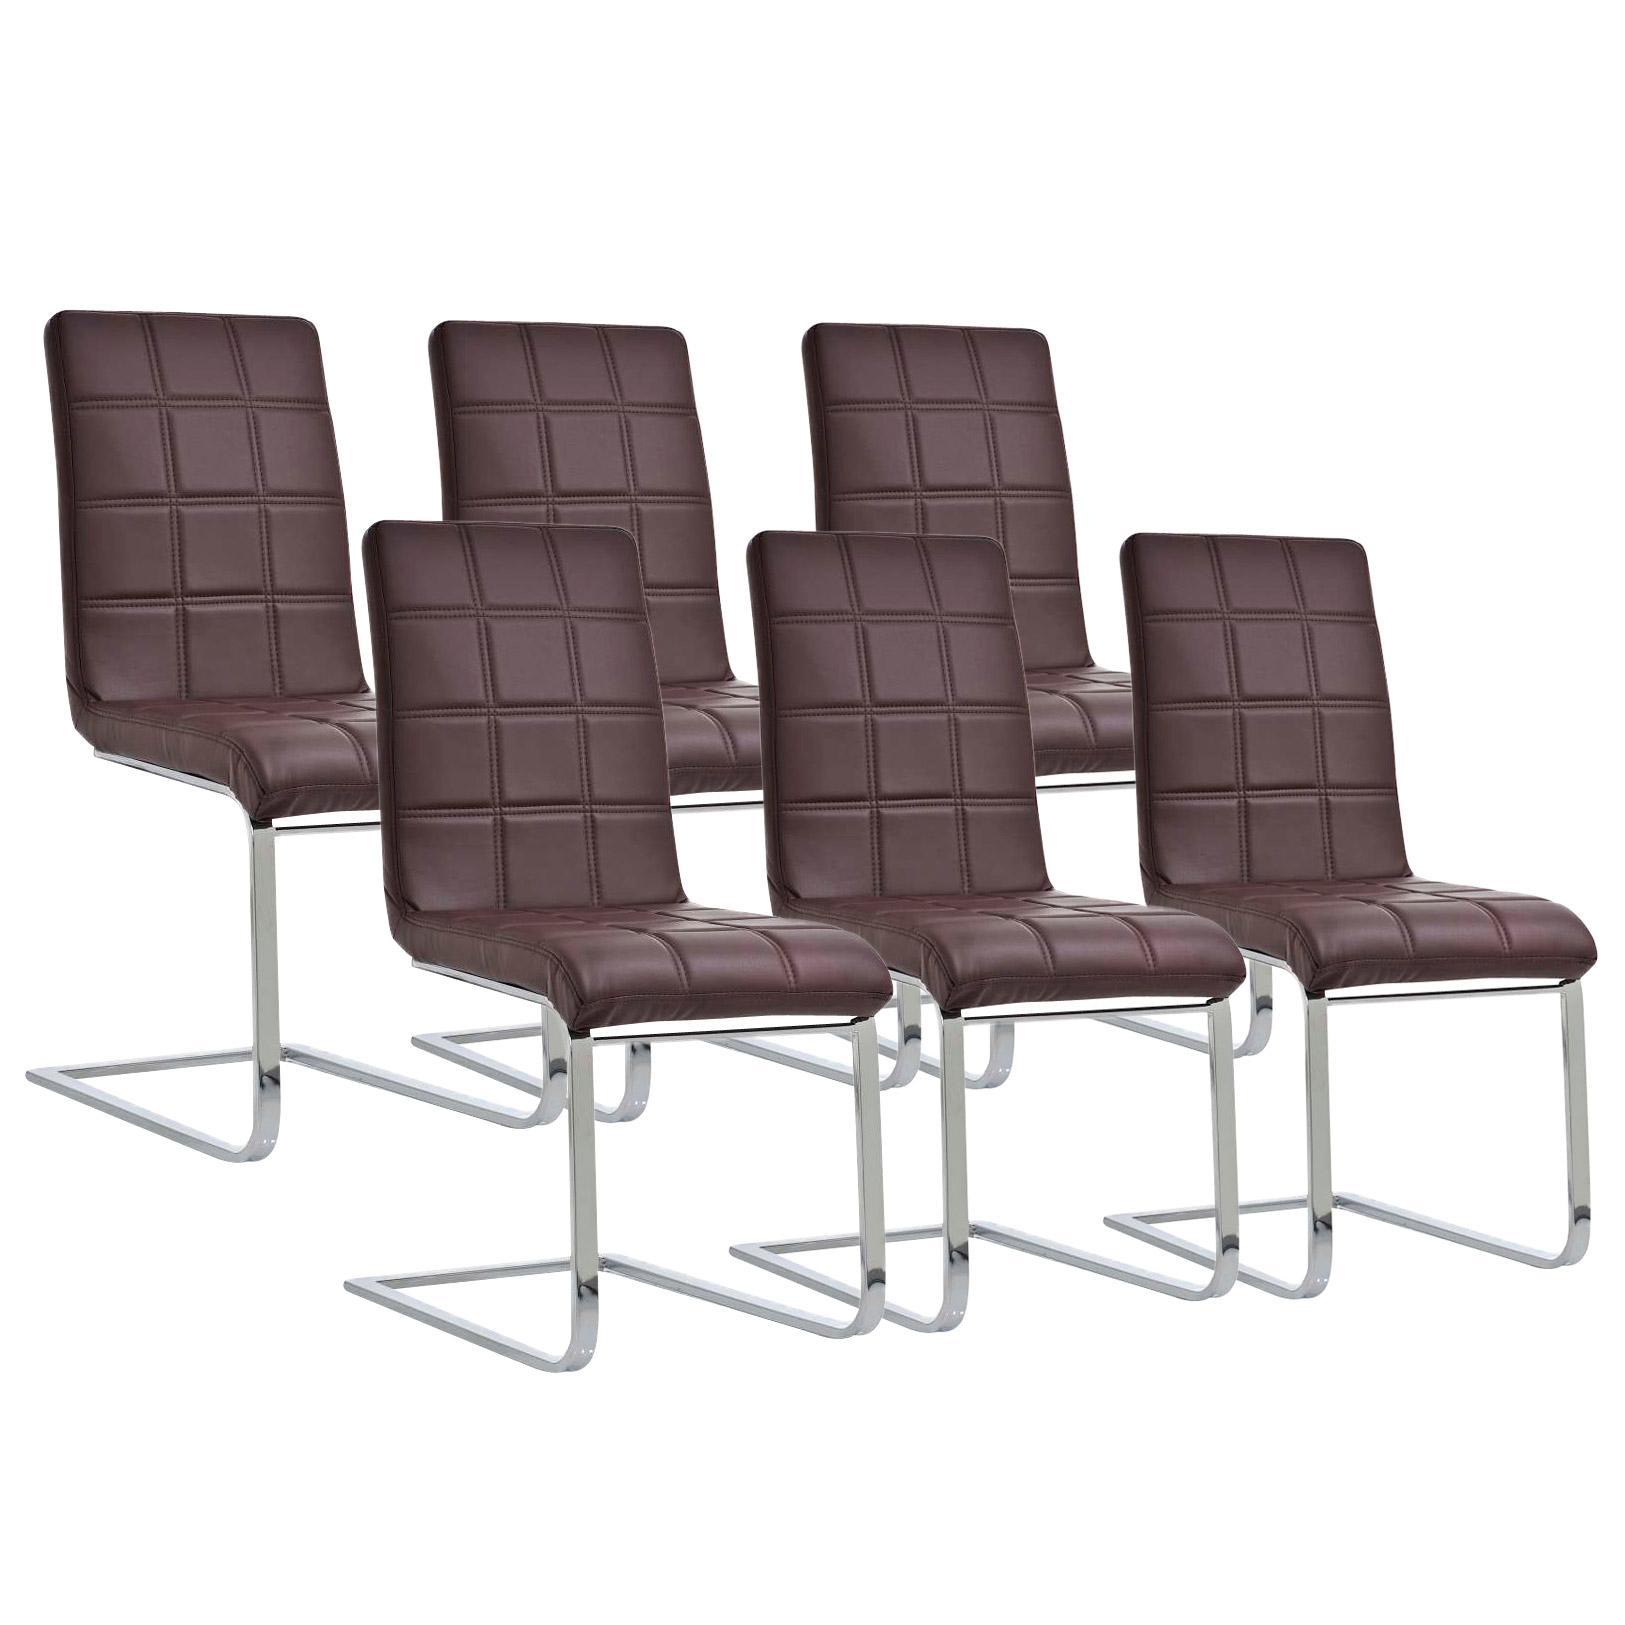 Lote 6 sillas de comedor o cocina bielsa dise o exclusivo for Sillas comedor cuero marron